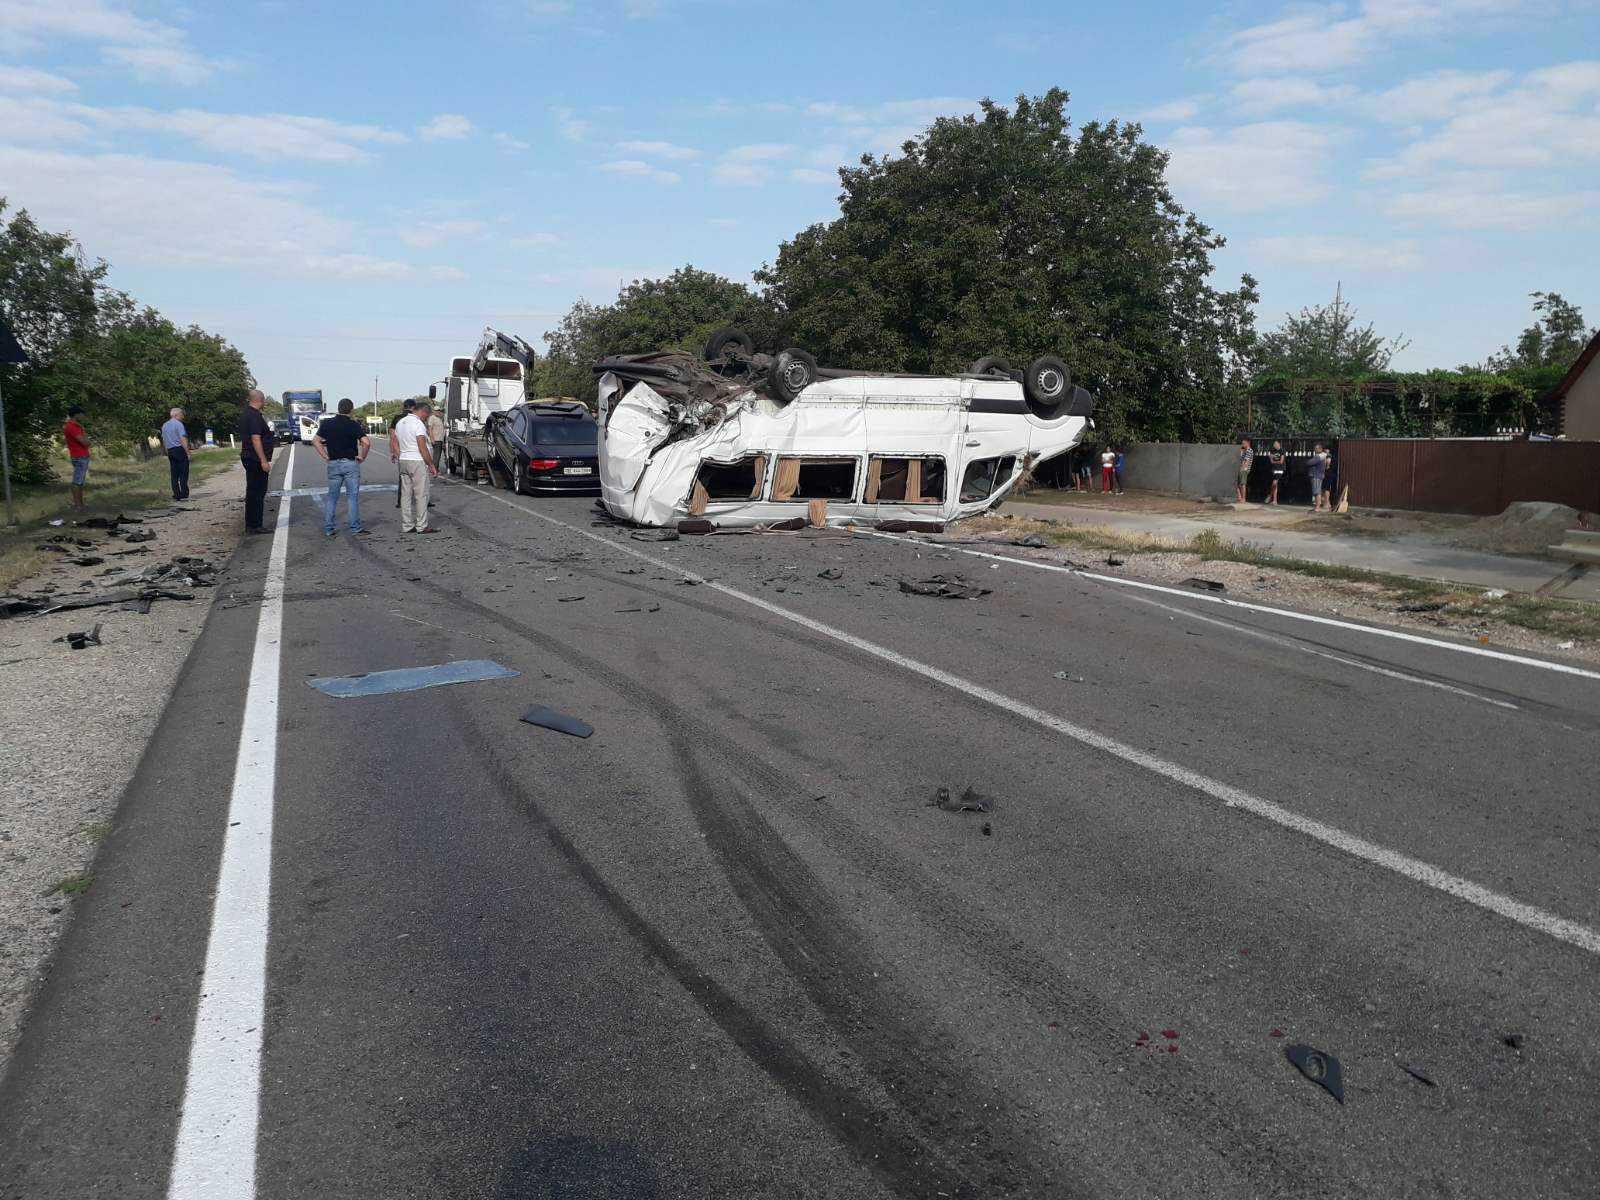 FOTO Accident rutier în raionul Ștefan Vodă. 11 persoane au avut de suferit, dintre care două se află în stare gravă